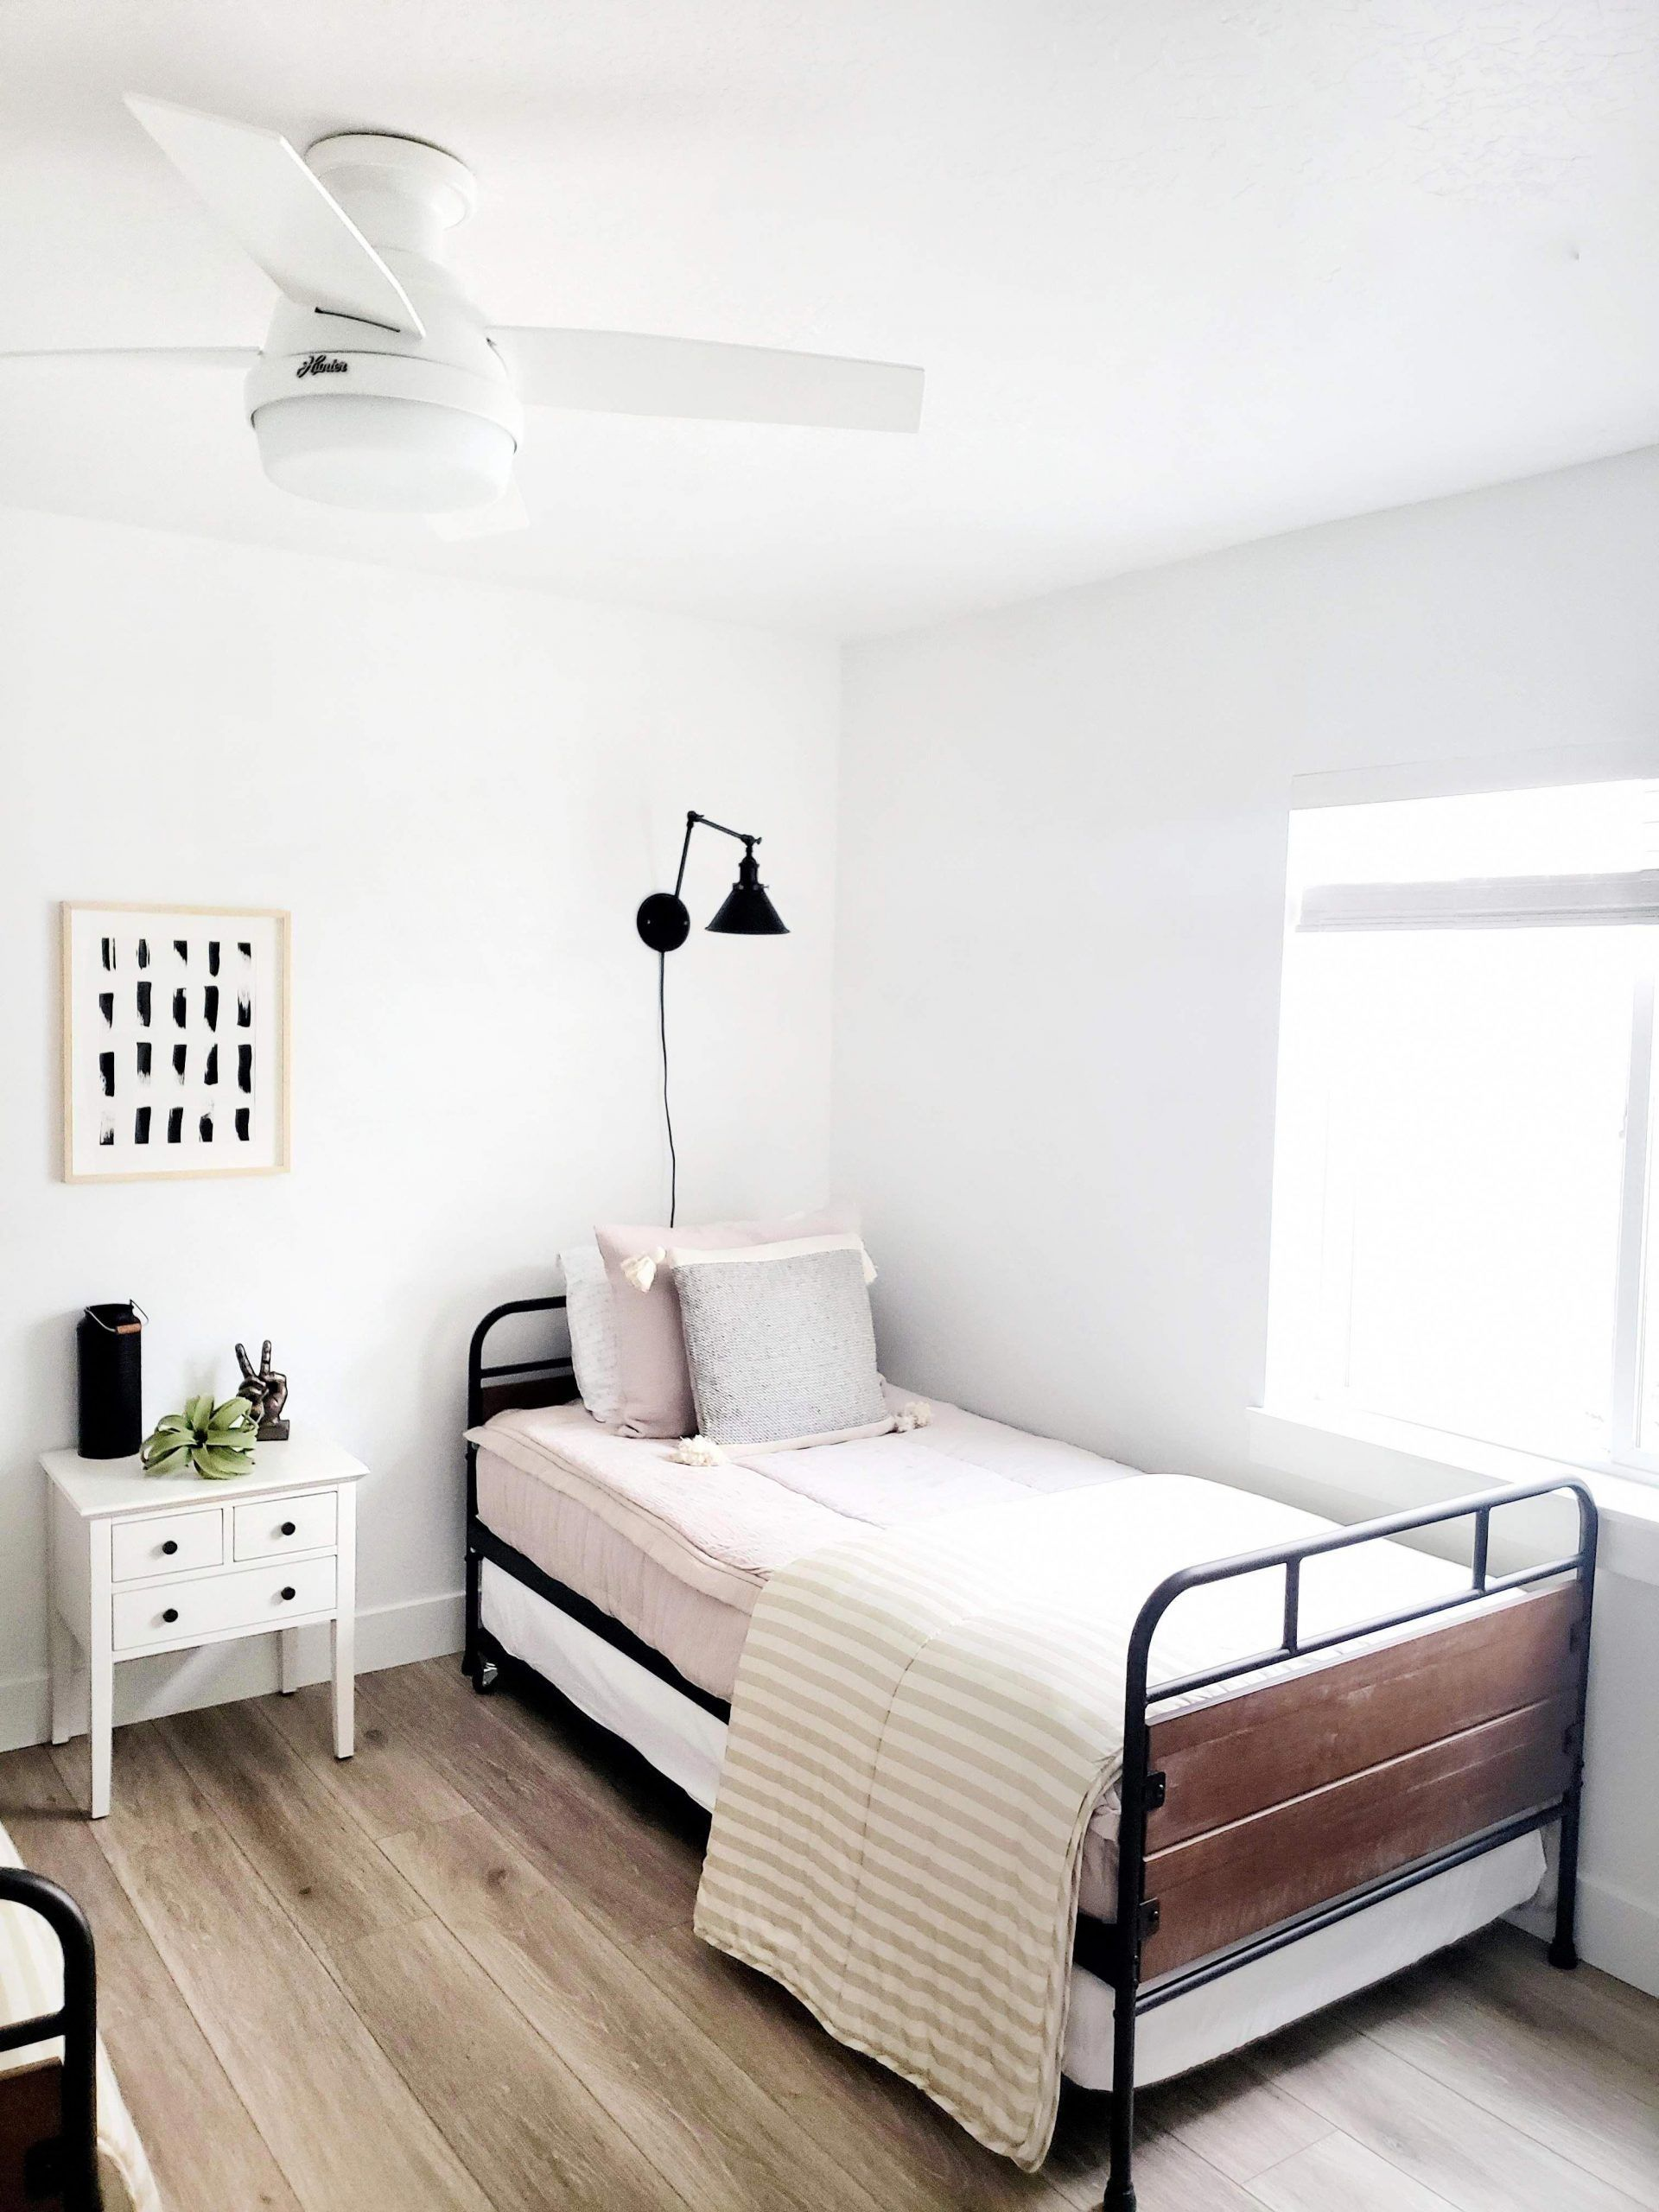 Photo of Helles Keller-Gästezimmer – White Lane Decor # Gästezimmer # Keller #bedroo …